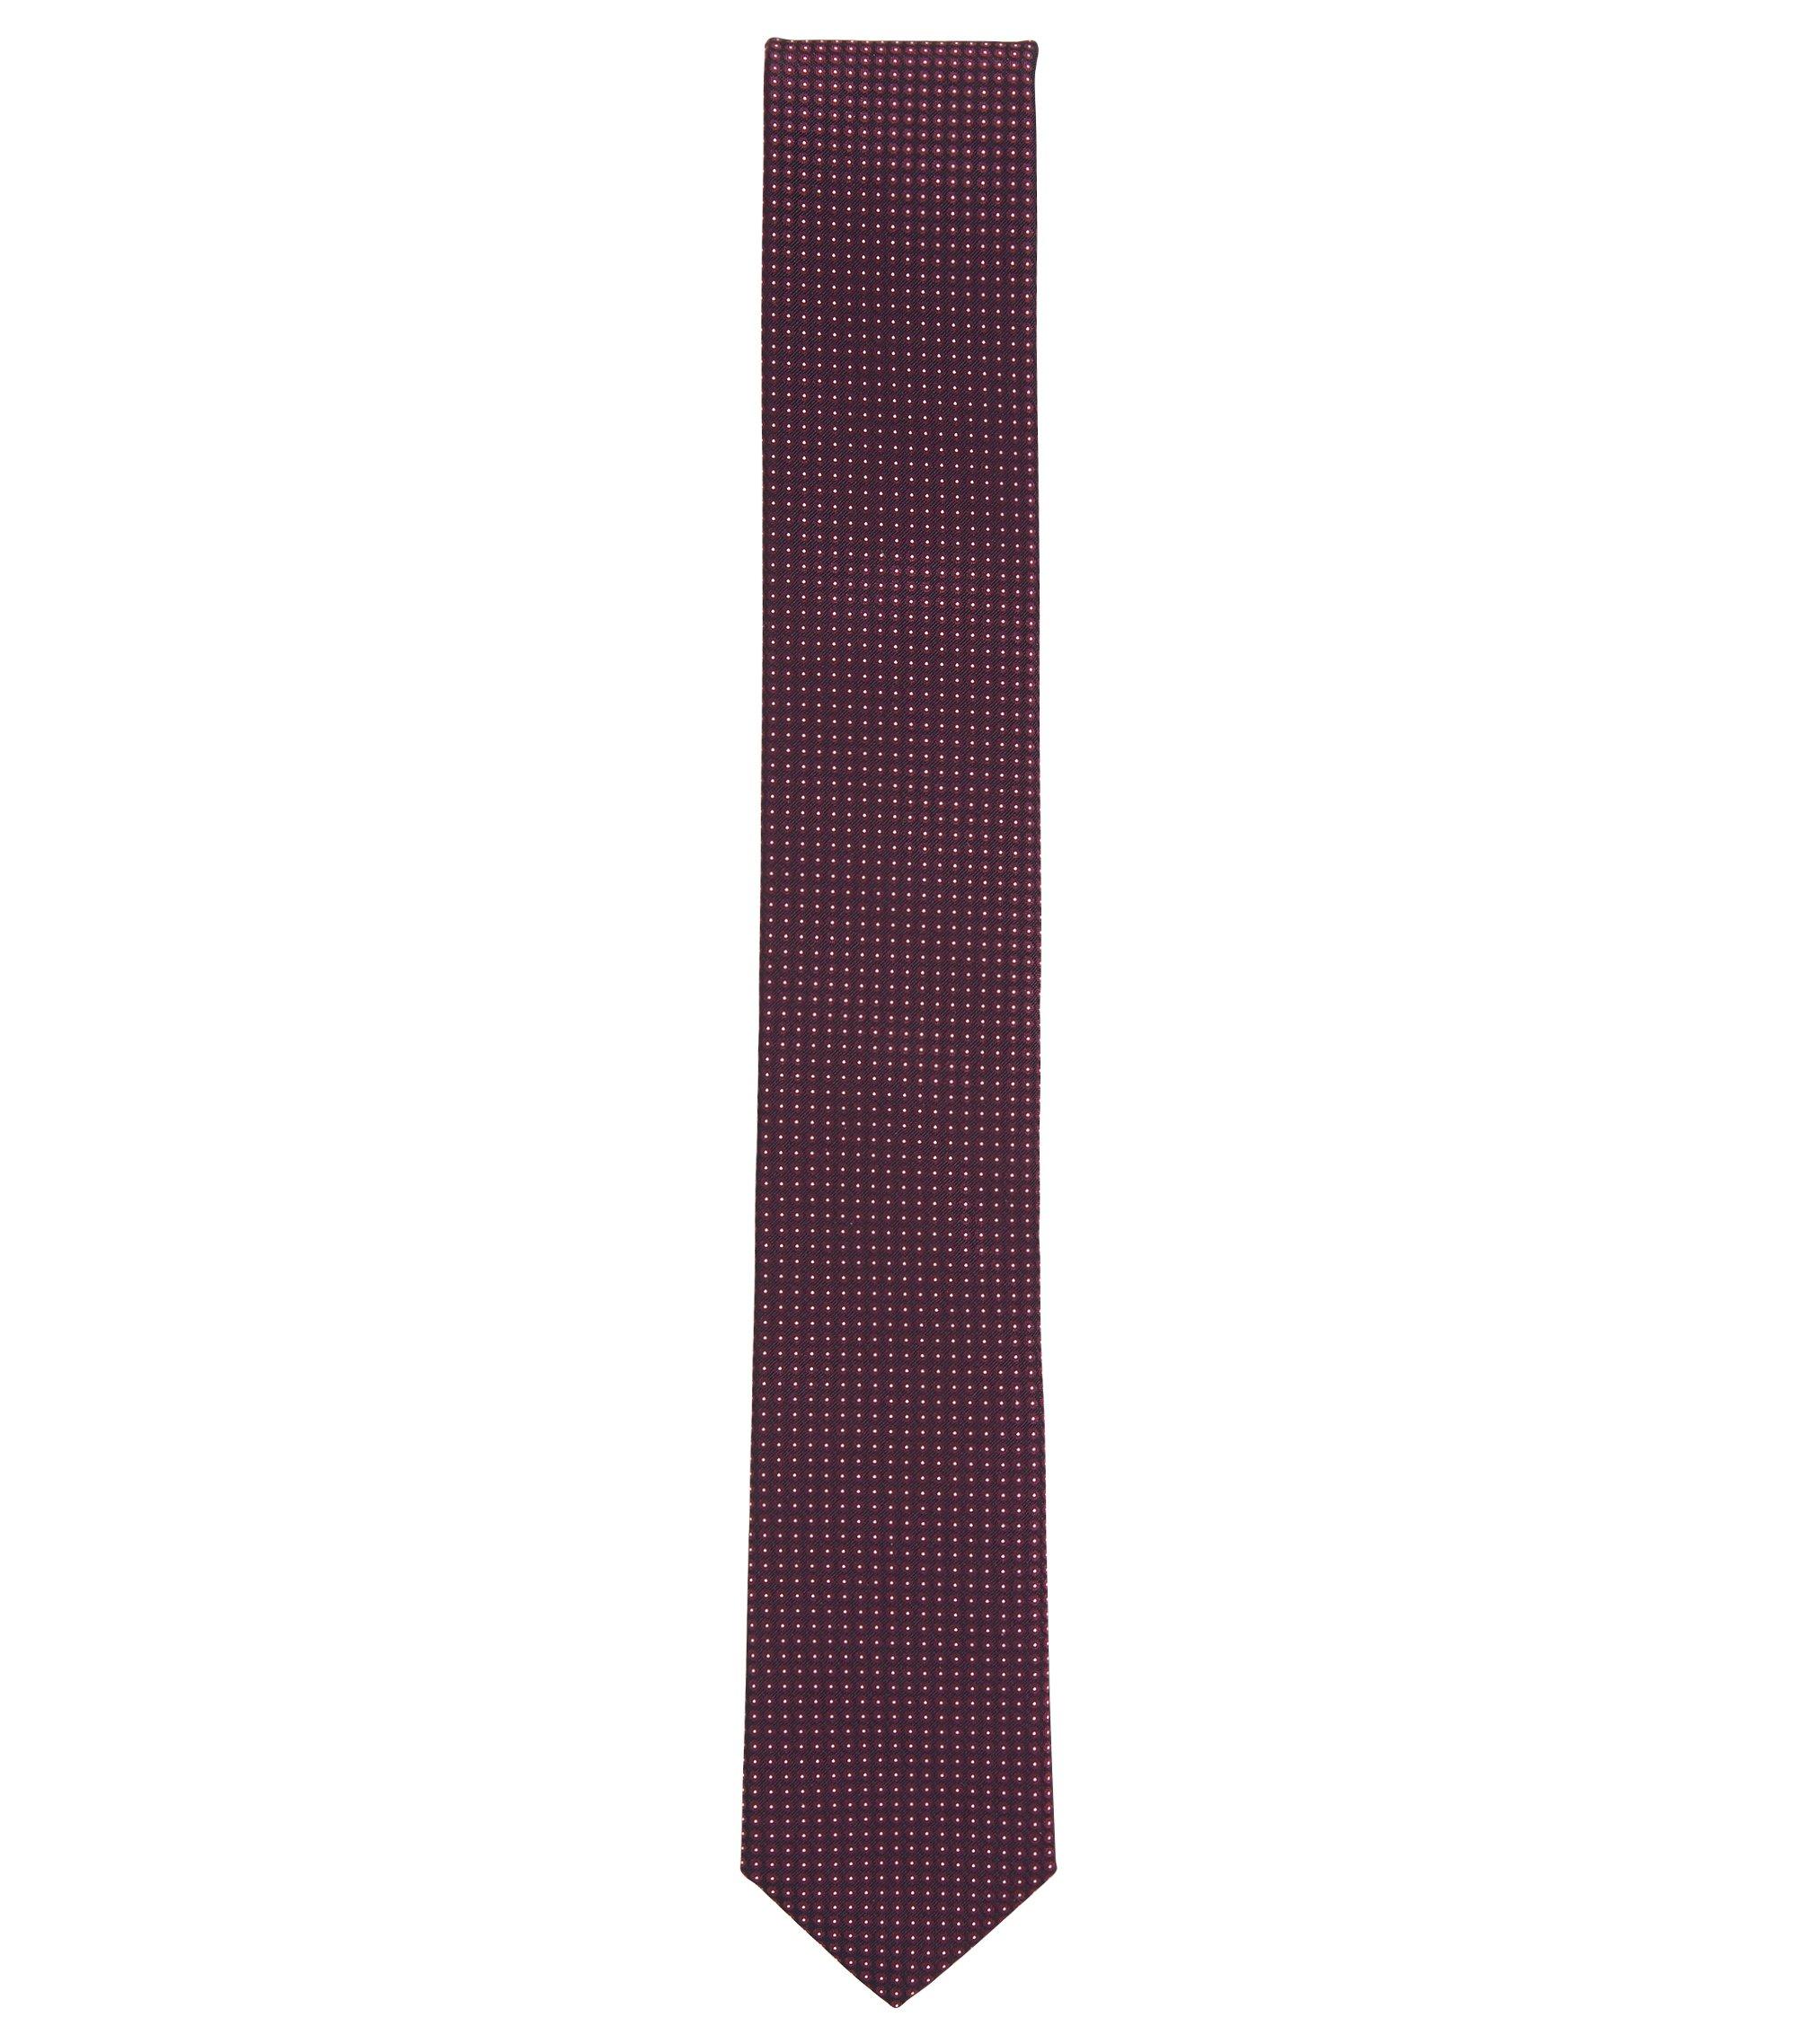 Cravatta in seta jacquard con microdisegni realizzata in Italia, Rosso scuro